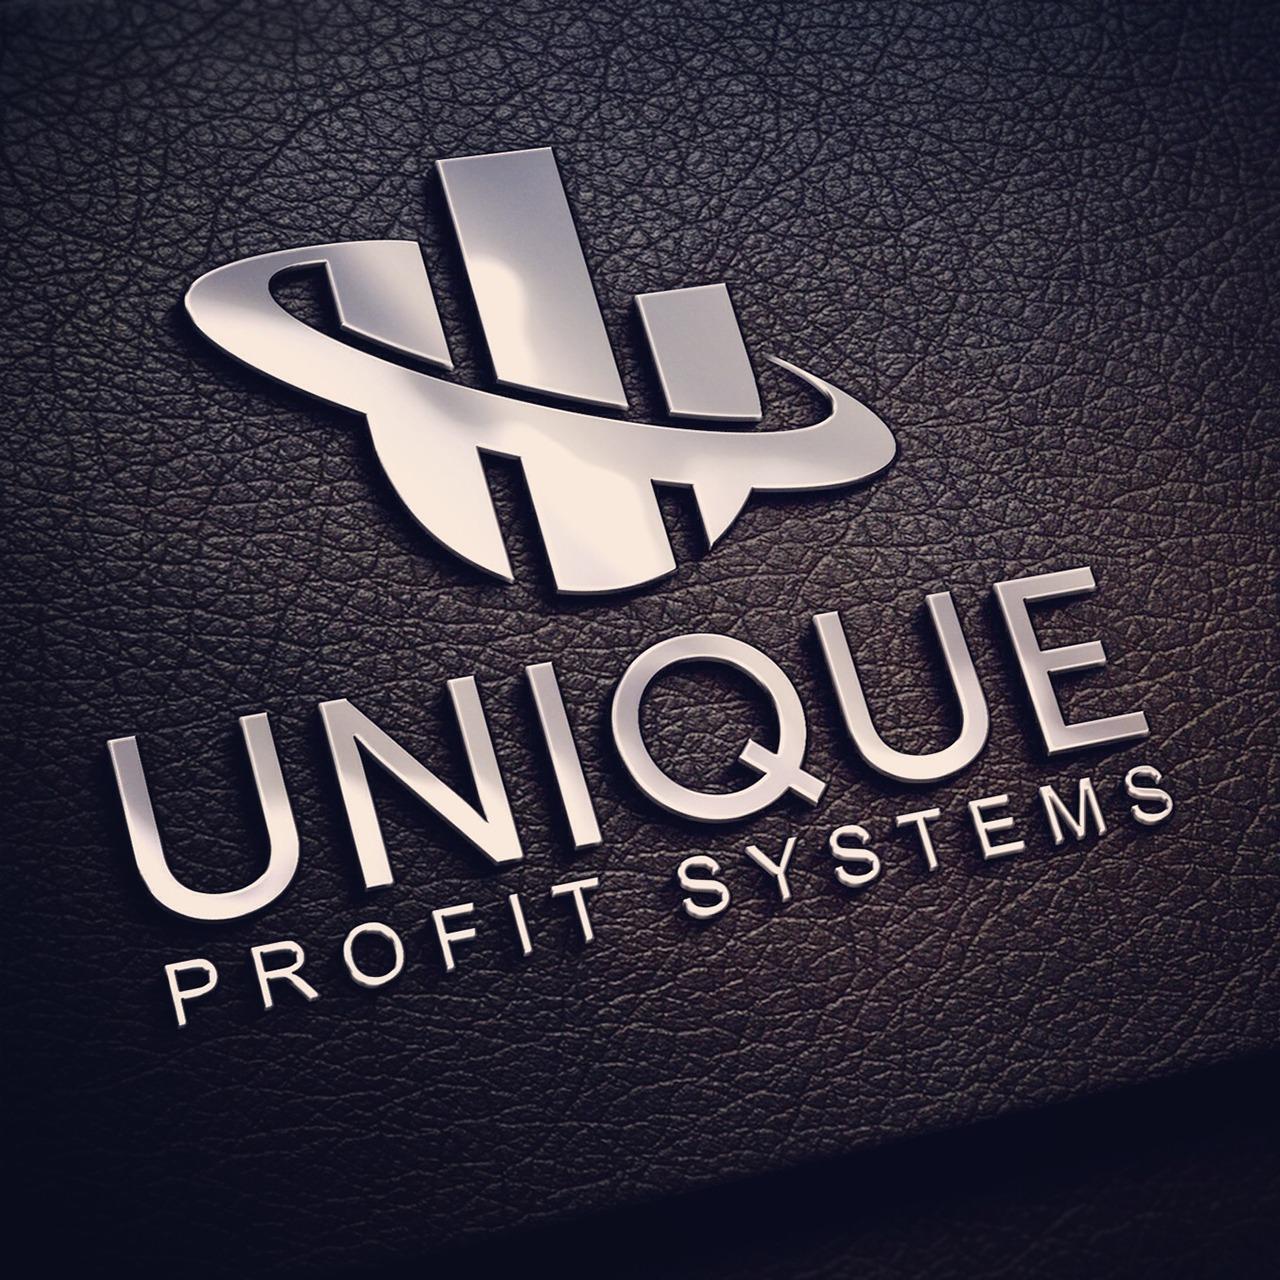 Unique Profit Systems